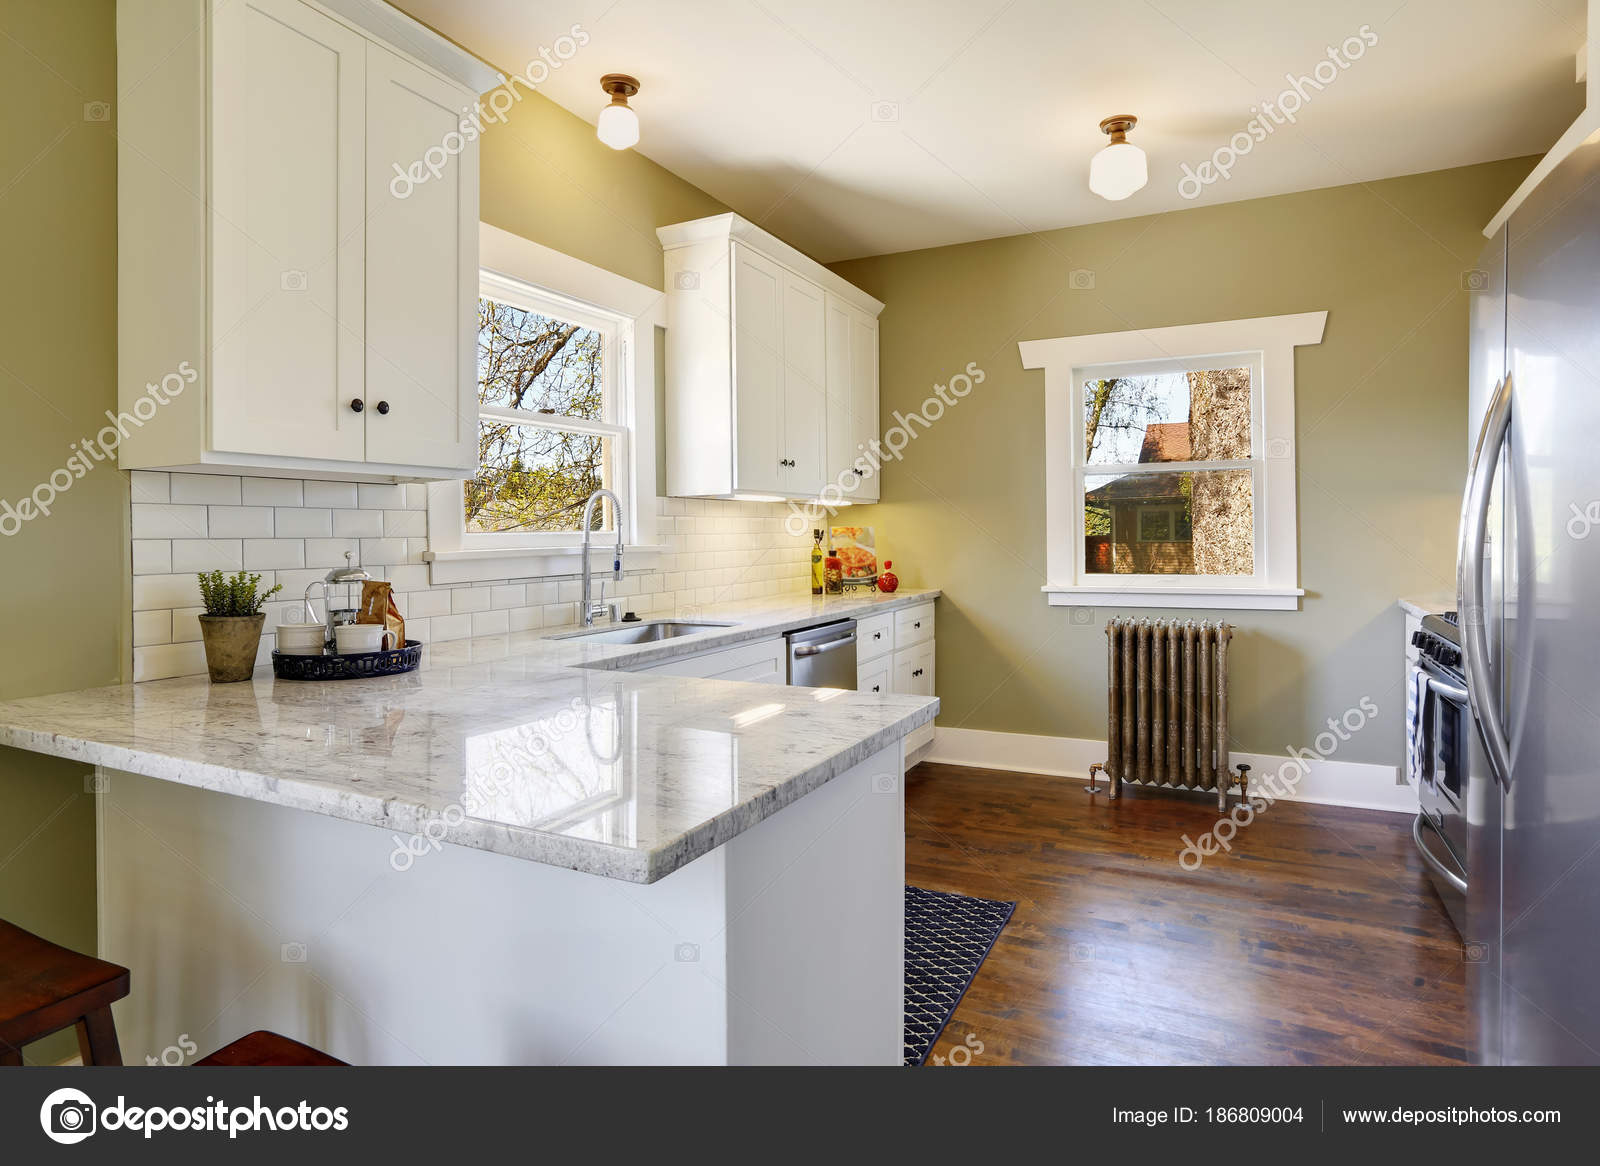 updated kitchens how to replace kitchen cabinets 新鲜更新的白色和绿色厨房房间内部 图库照片 c iriana88w 186809004